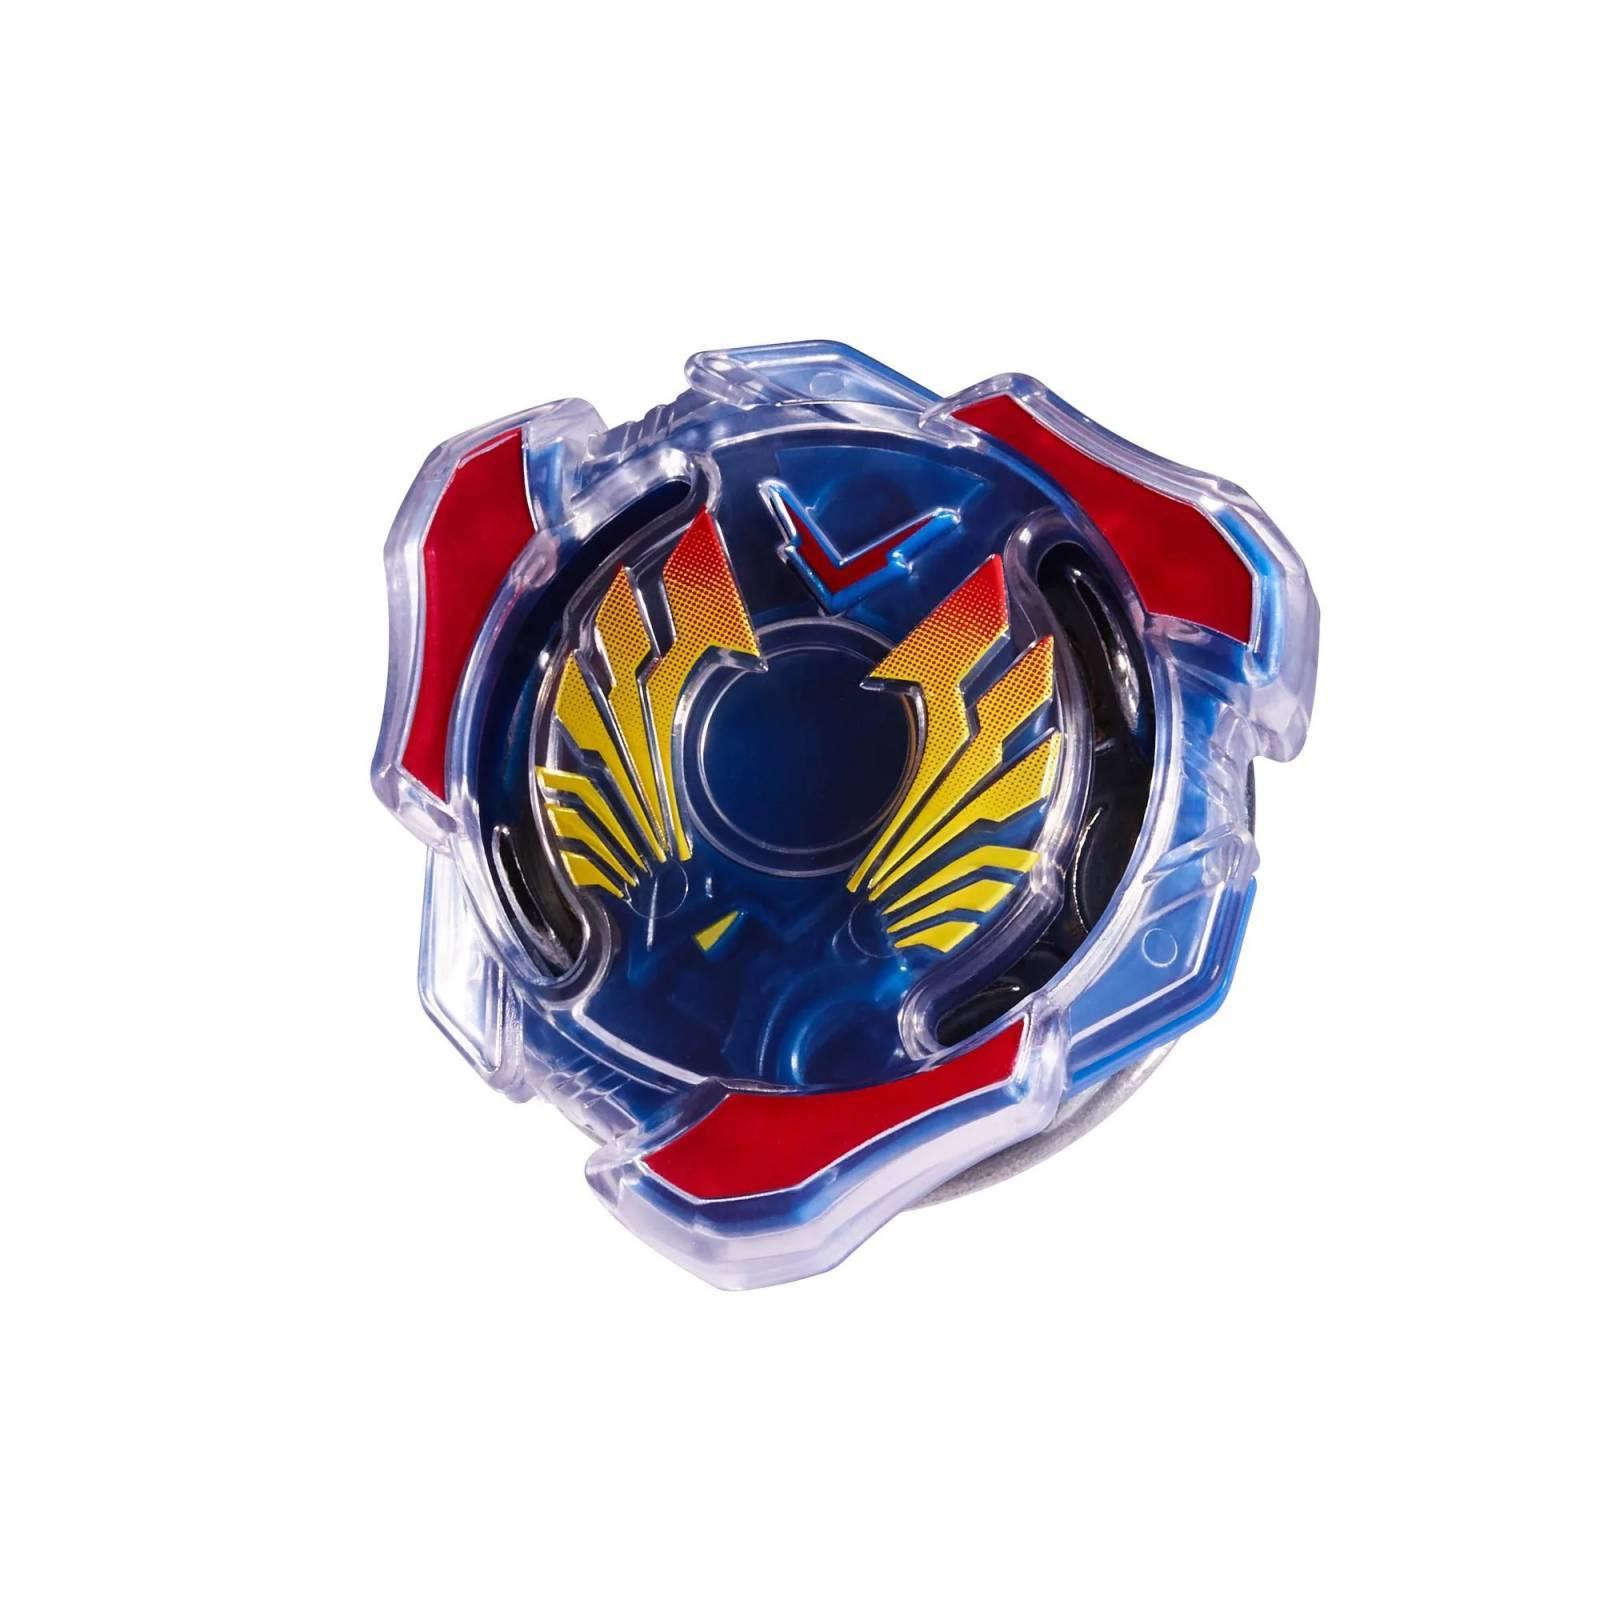 Pião Vatryek Básico Beyblade - Hasbro B9501 - Noy Brinquedos